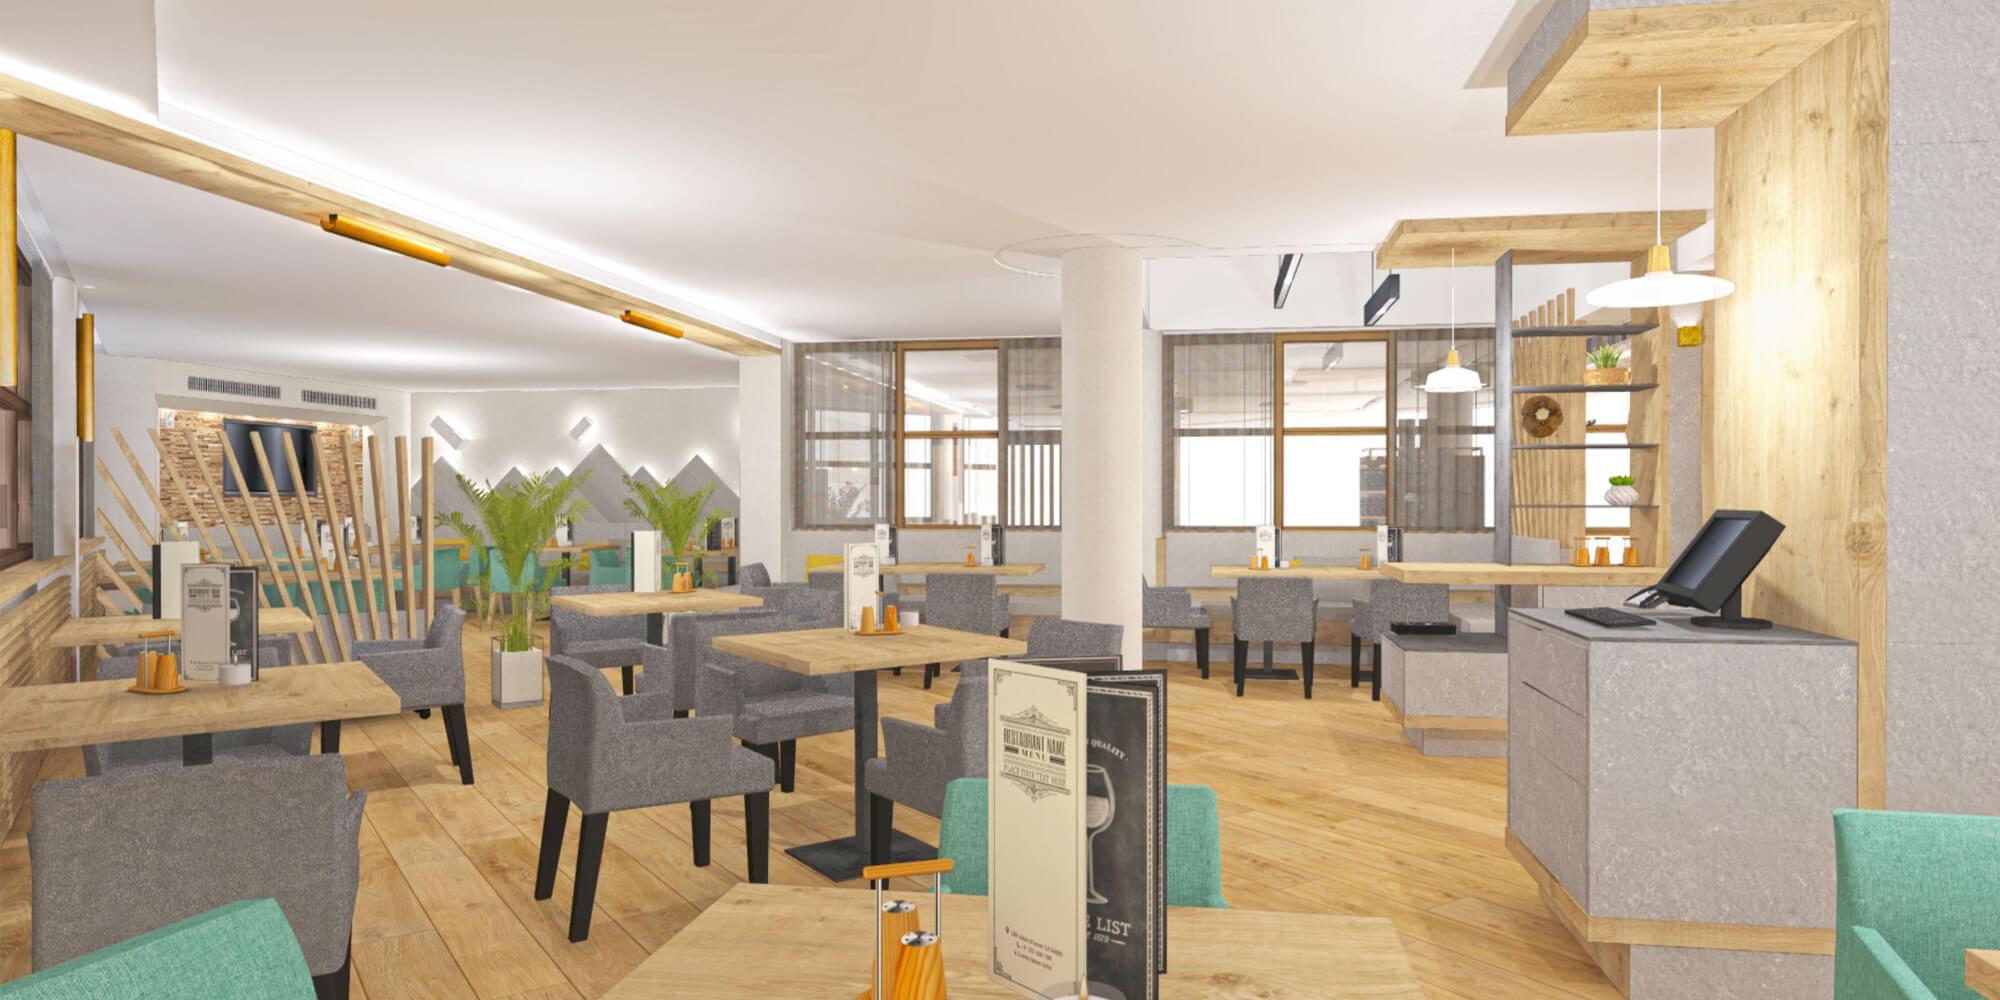 Crea-Plan-Design-Rauch-Frühmann-Architektur-Innenarchitektur-Design-Projekt-Referenz-Hotelerie-Gastronomie-Hotel-Parkhotel-Salzburg-Hotelbar-3